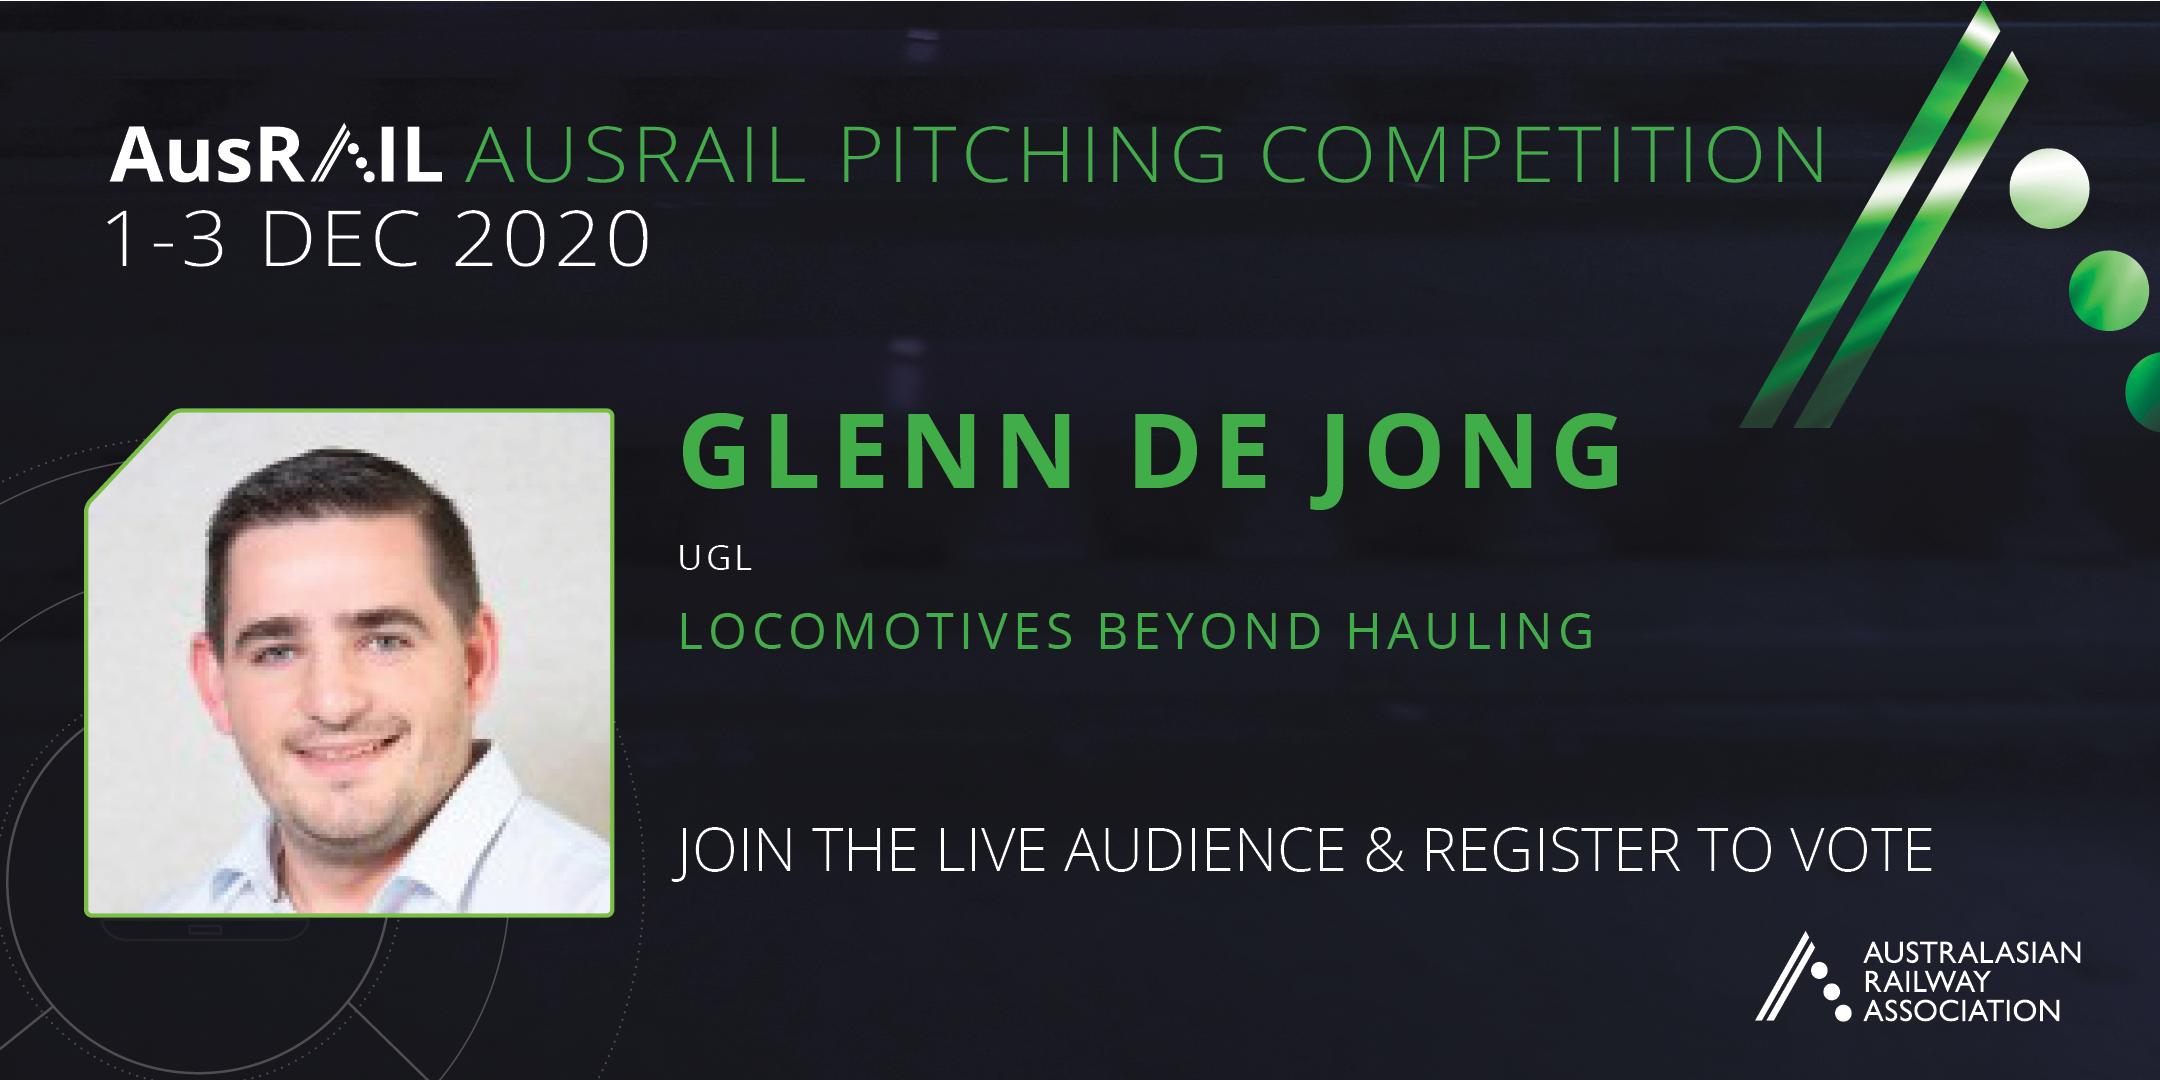 Glenn de Jong